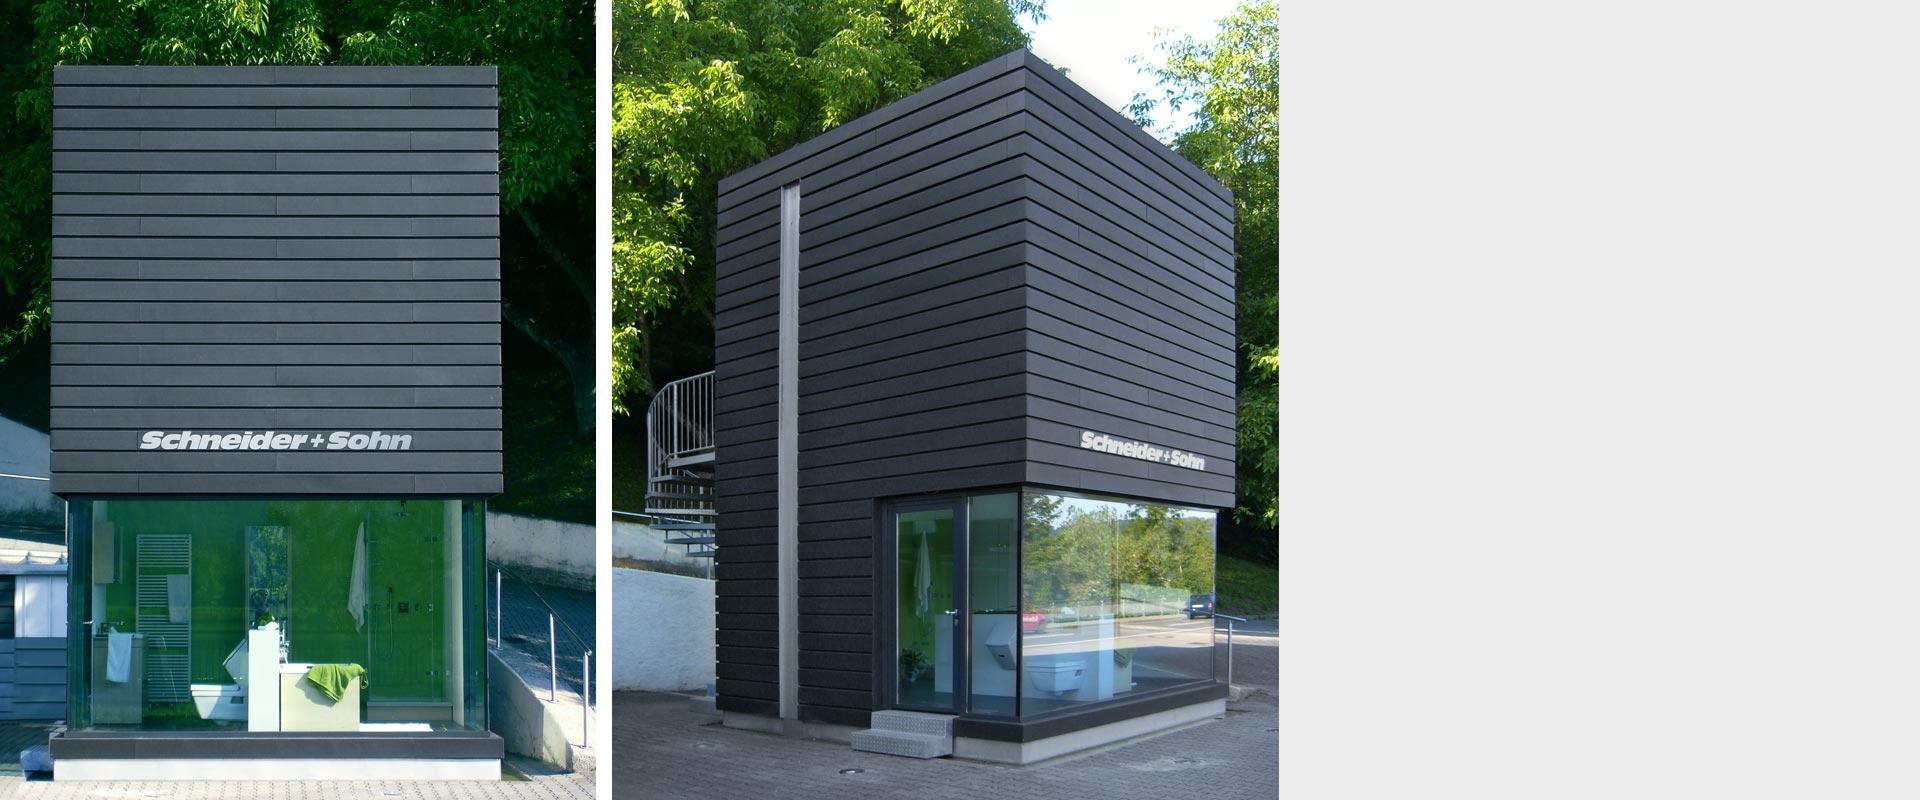 Architekturbüro Henning Musahl Waldshut Firma Schneider & Sohn Waldshut